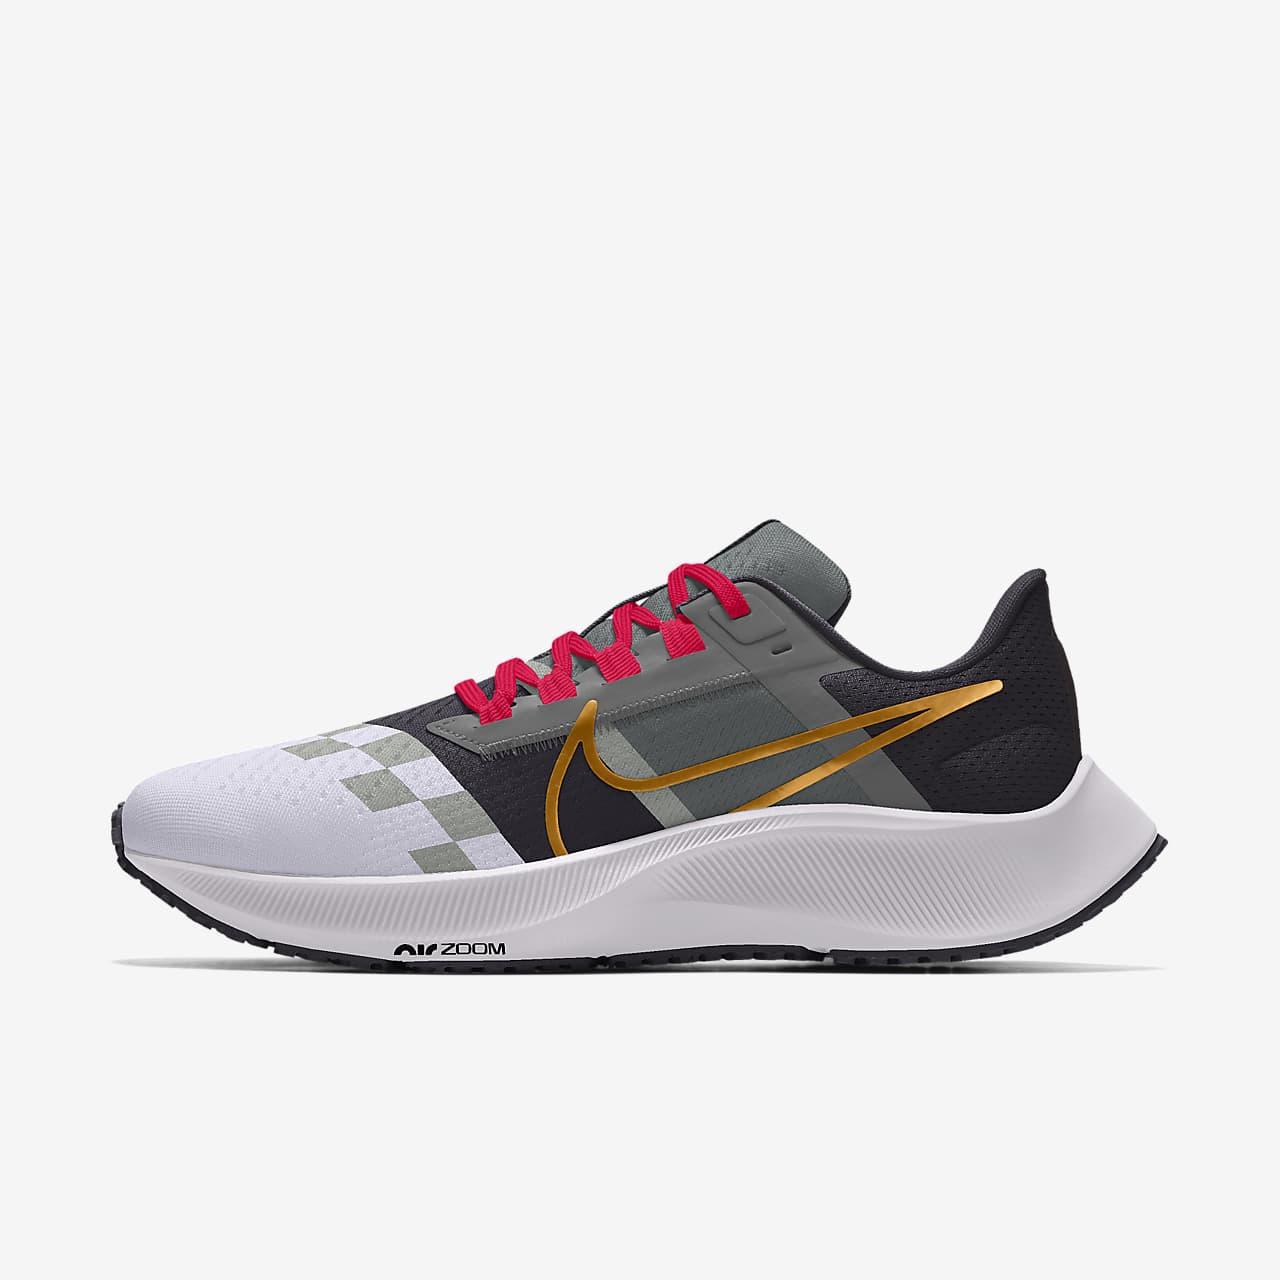 Nike Air Zoom Pegasus 38 By You 男子公路跑步鞋